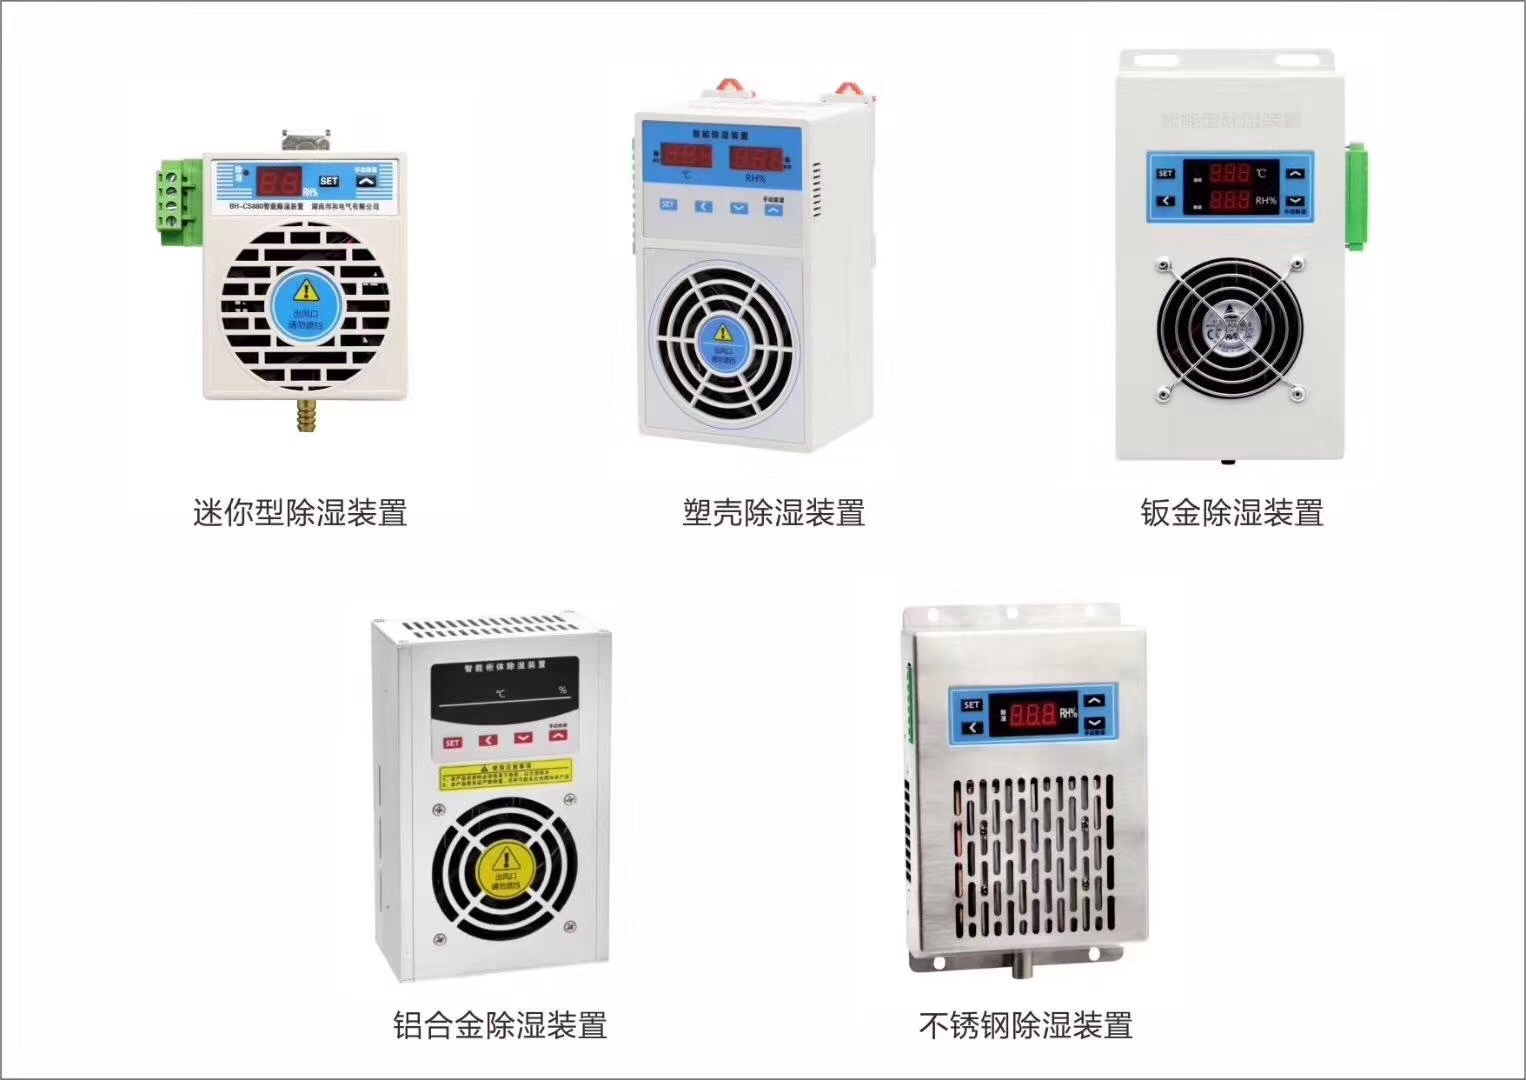 """顶山叶县"""" SCGB-B-12.7/40过电压保护器""""哪里买"""